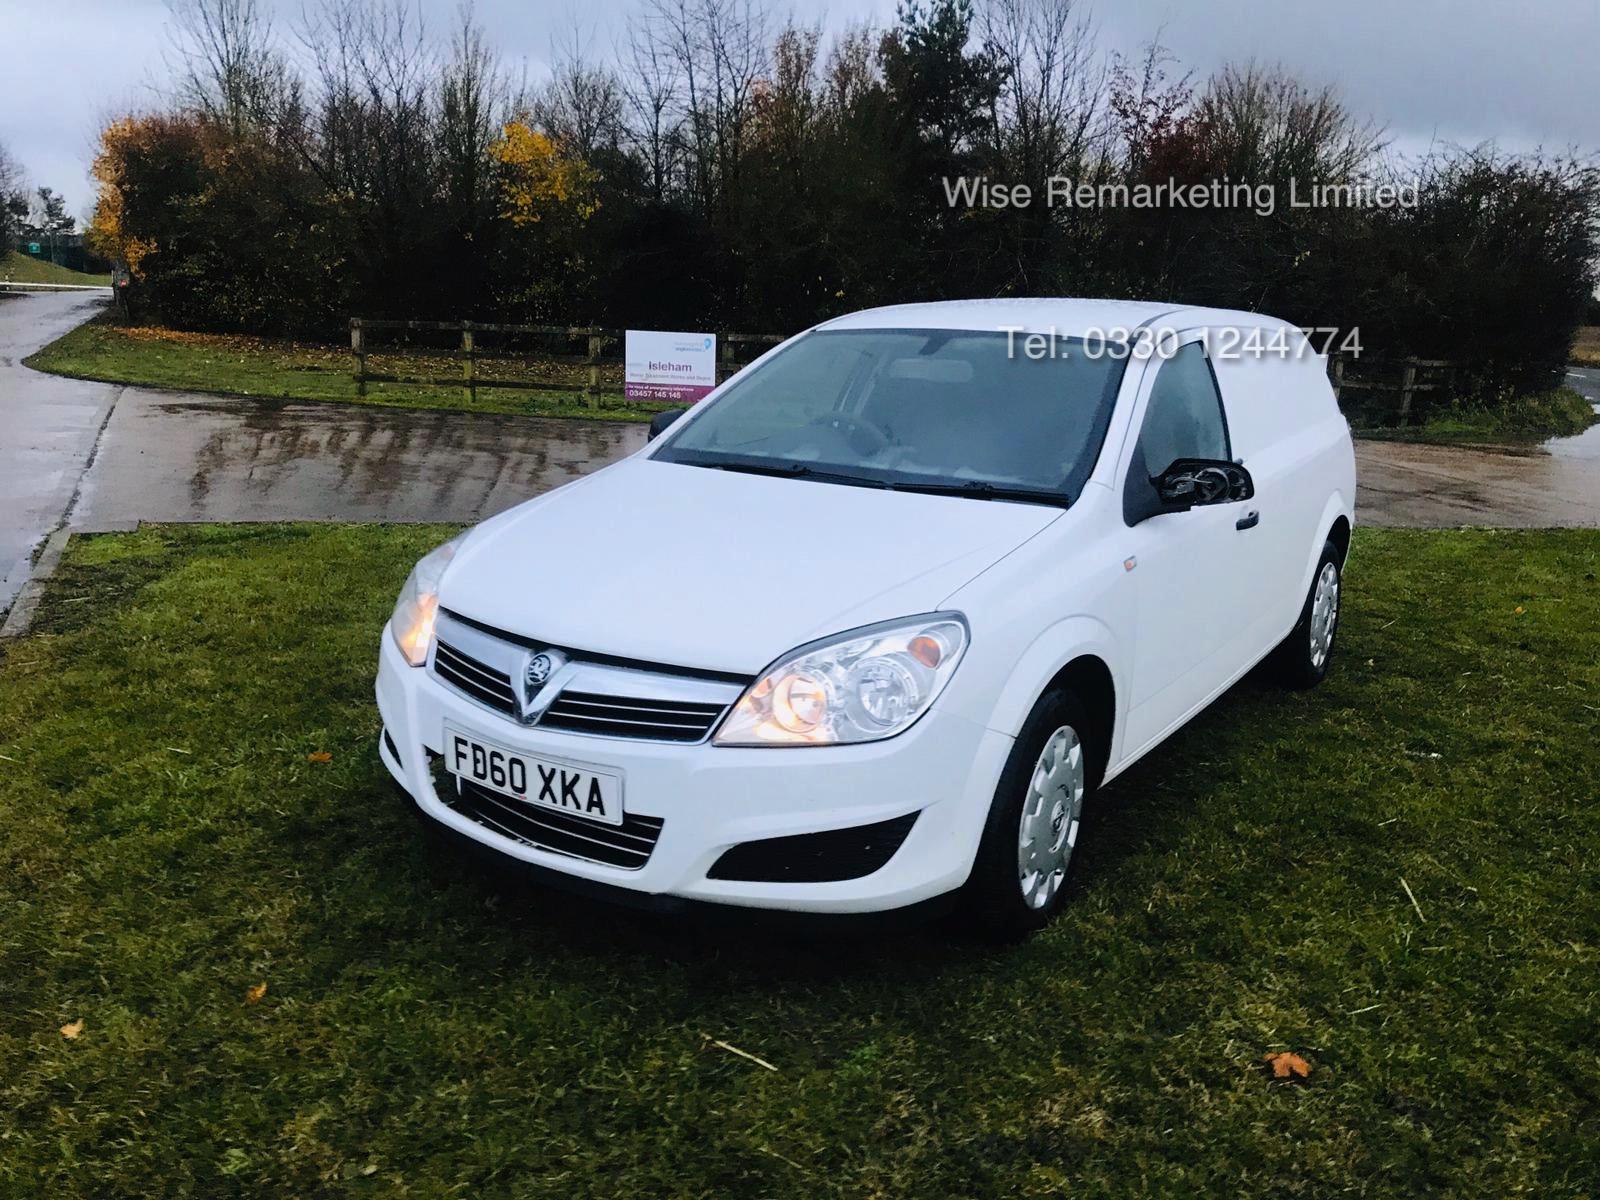 Vauxhall Astra Van 1.3 CDTi - 2011 Model - 5 Seater Crew Van - SAVE 20% NO VAT